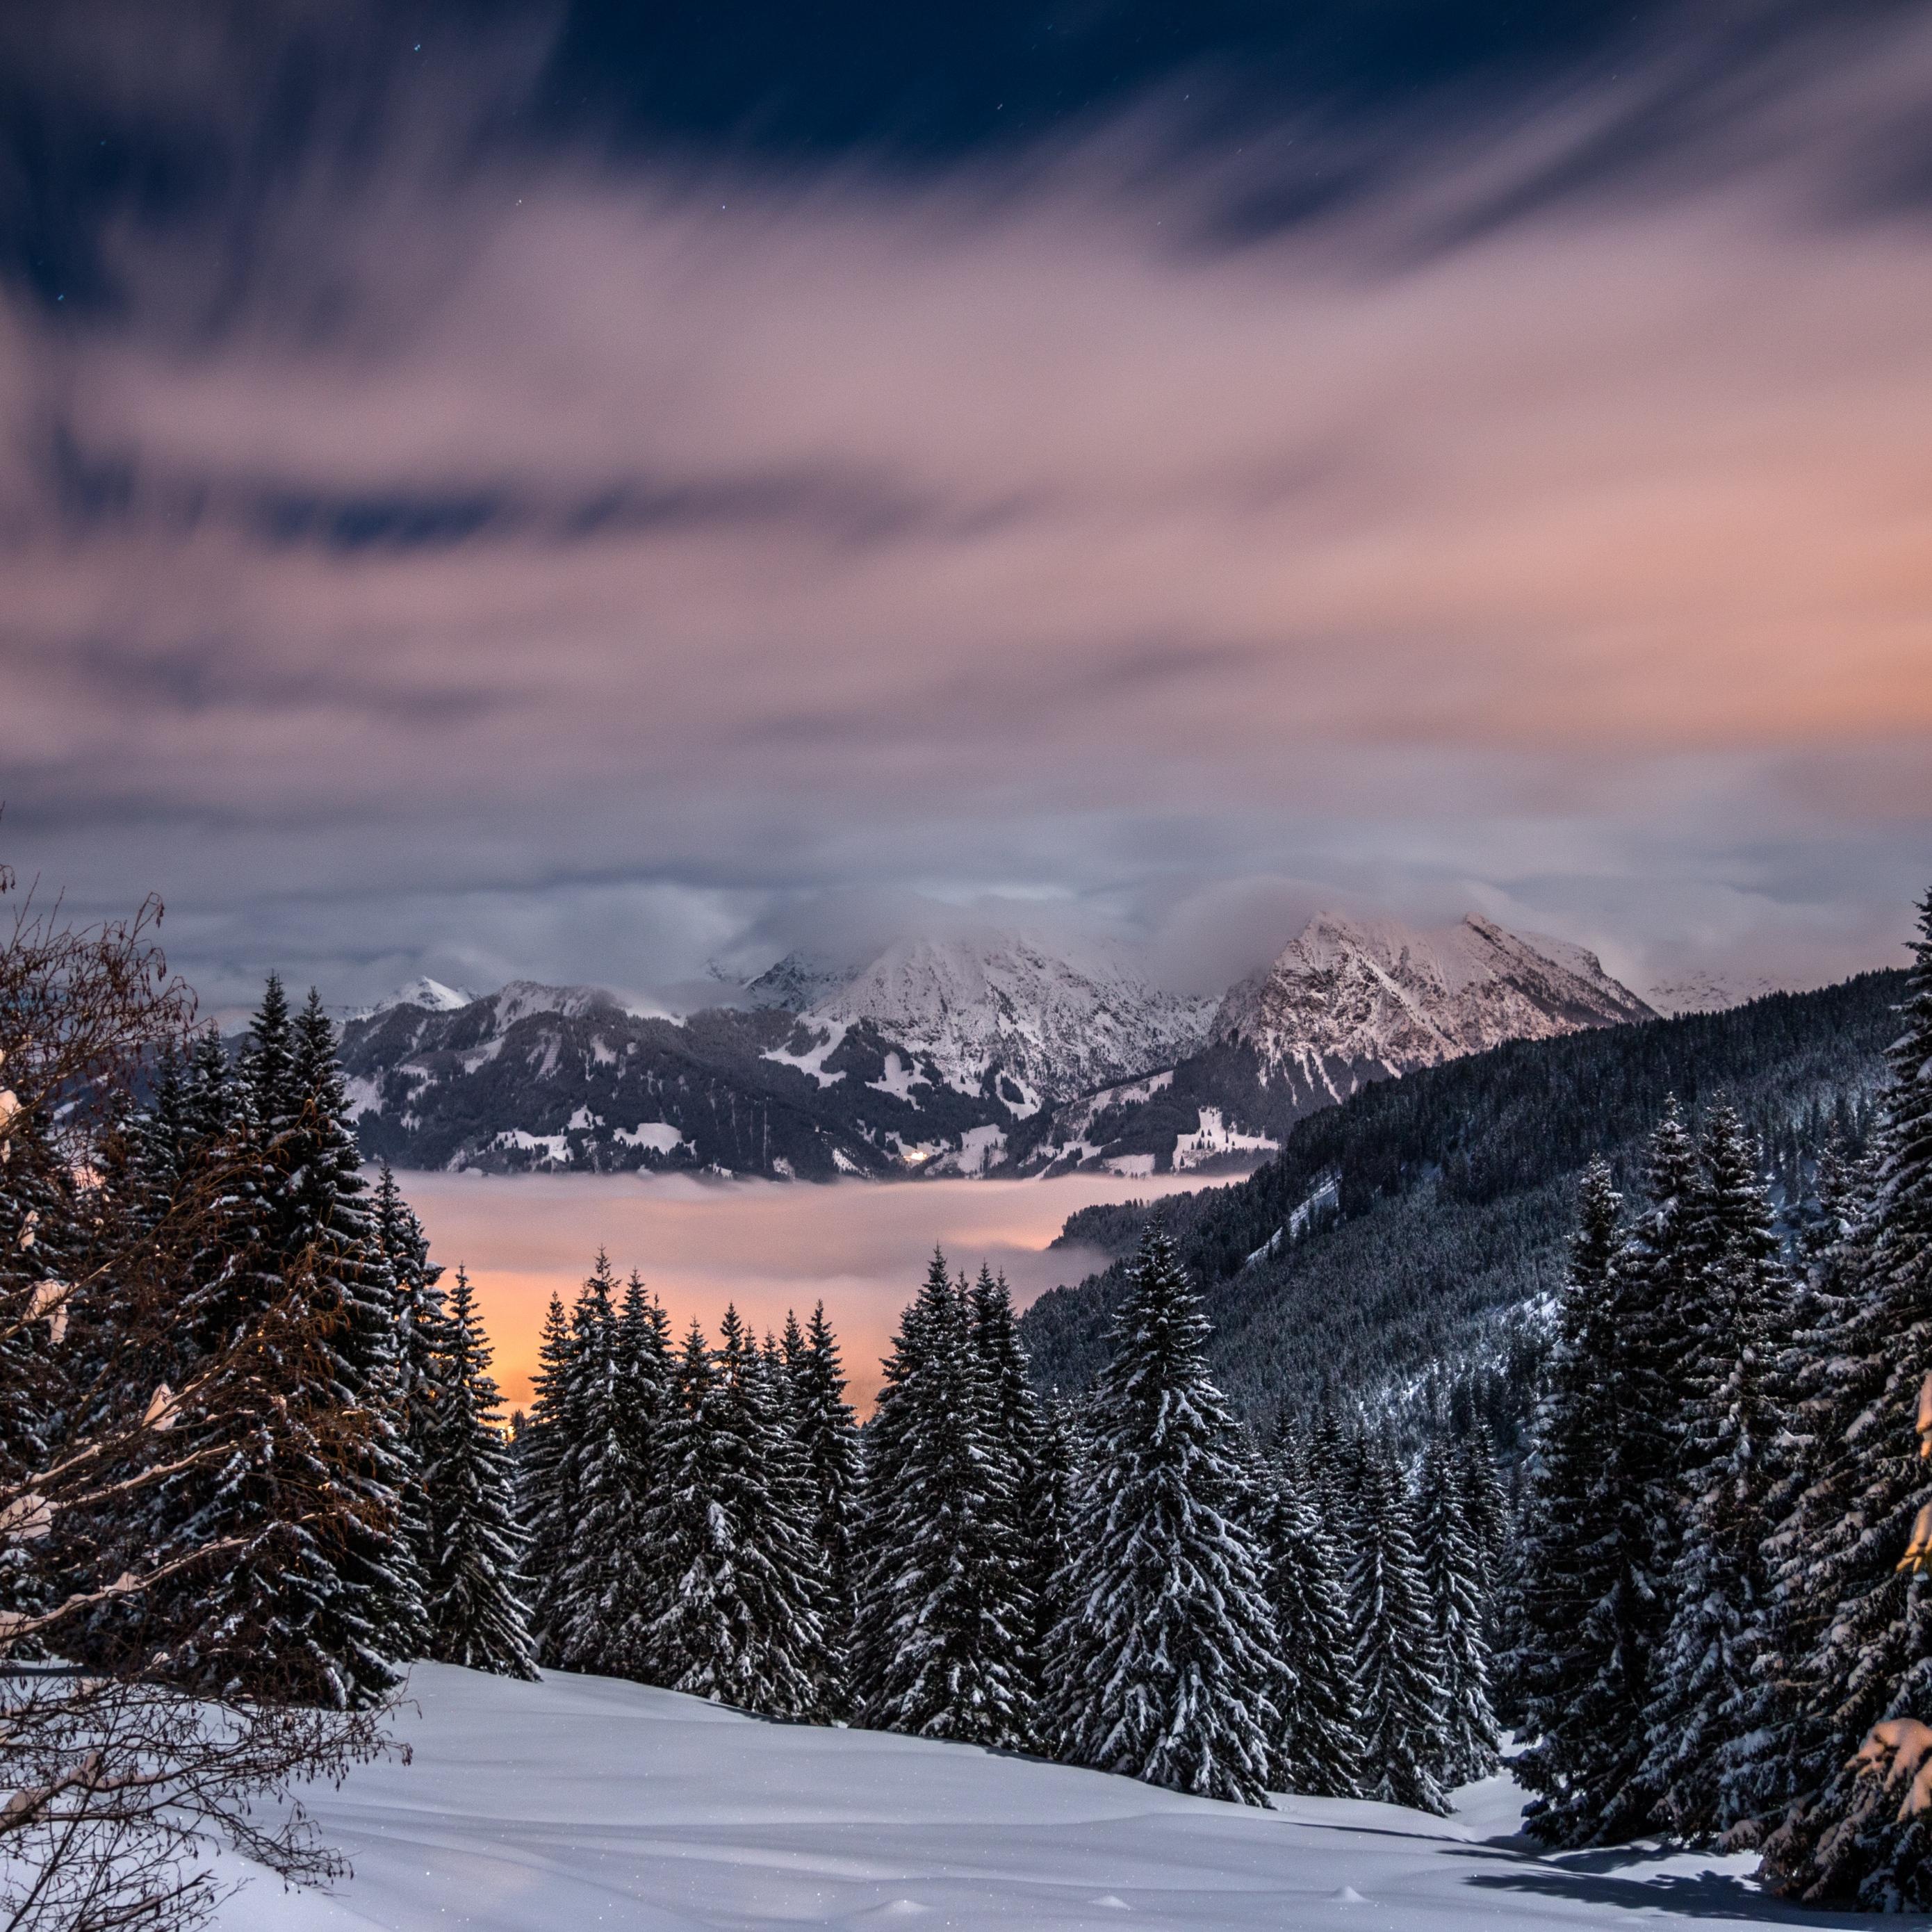 Wallpaper Winter, Mountains, Snow, Trees, Bavaria, - Winter Mountains Wallpaper Iphone - HD Wallpaper